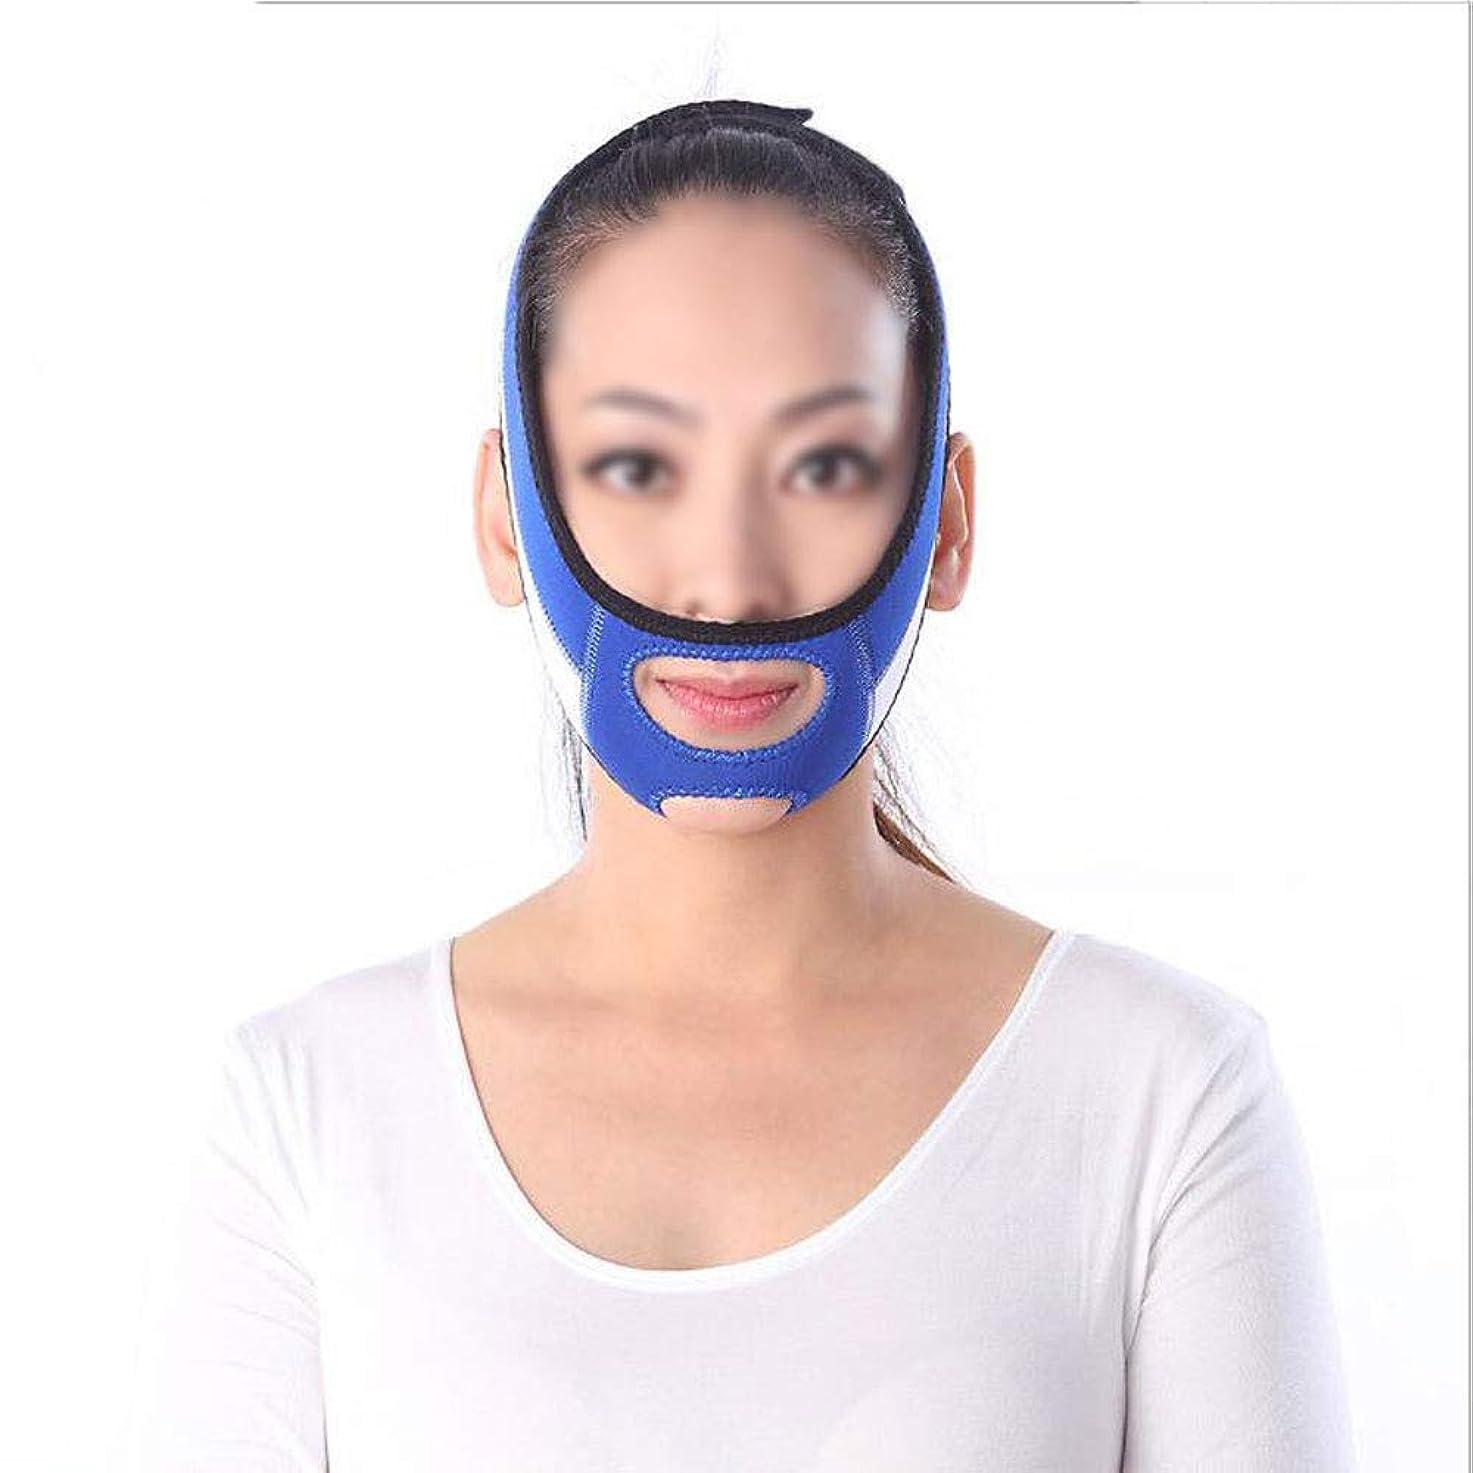 旅行代理店アマゾンジャングル試みるフェイスリフティングマスク、リフティングローパターン包帯ライン彫刻修復ツールフェイスリフティングアーティファクト引き締め肌スモールVフェイスバンド